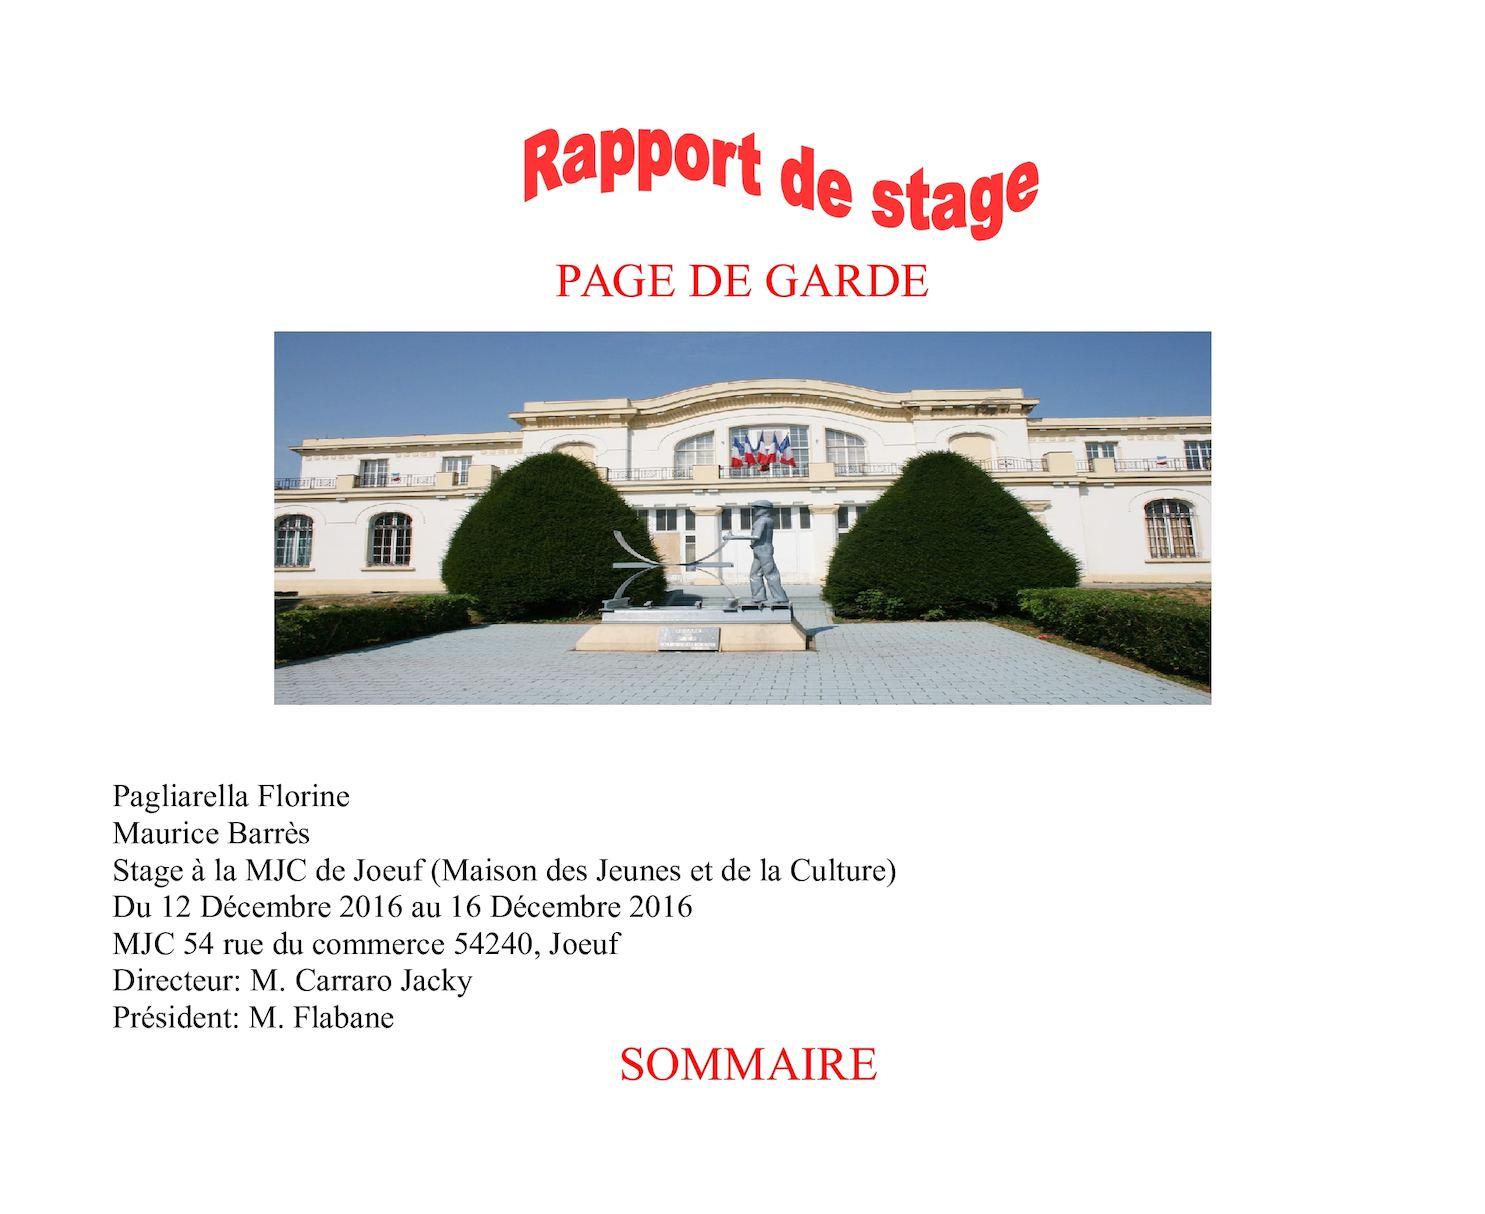 Calaméo Florine Pagliarella Rapport De Stage